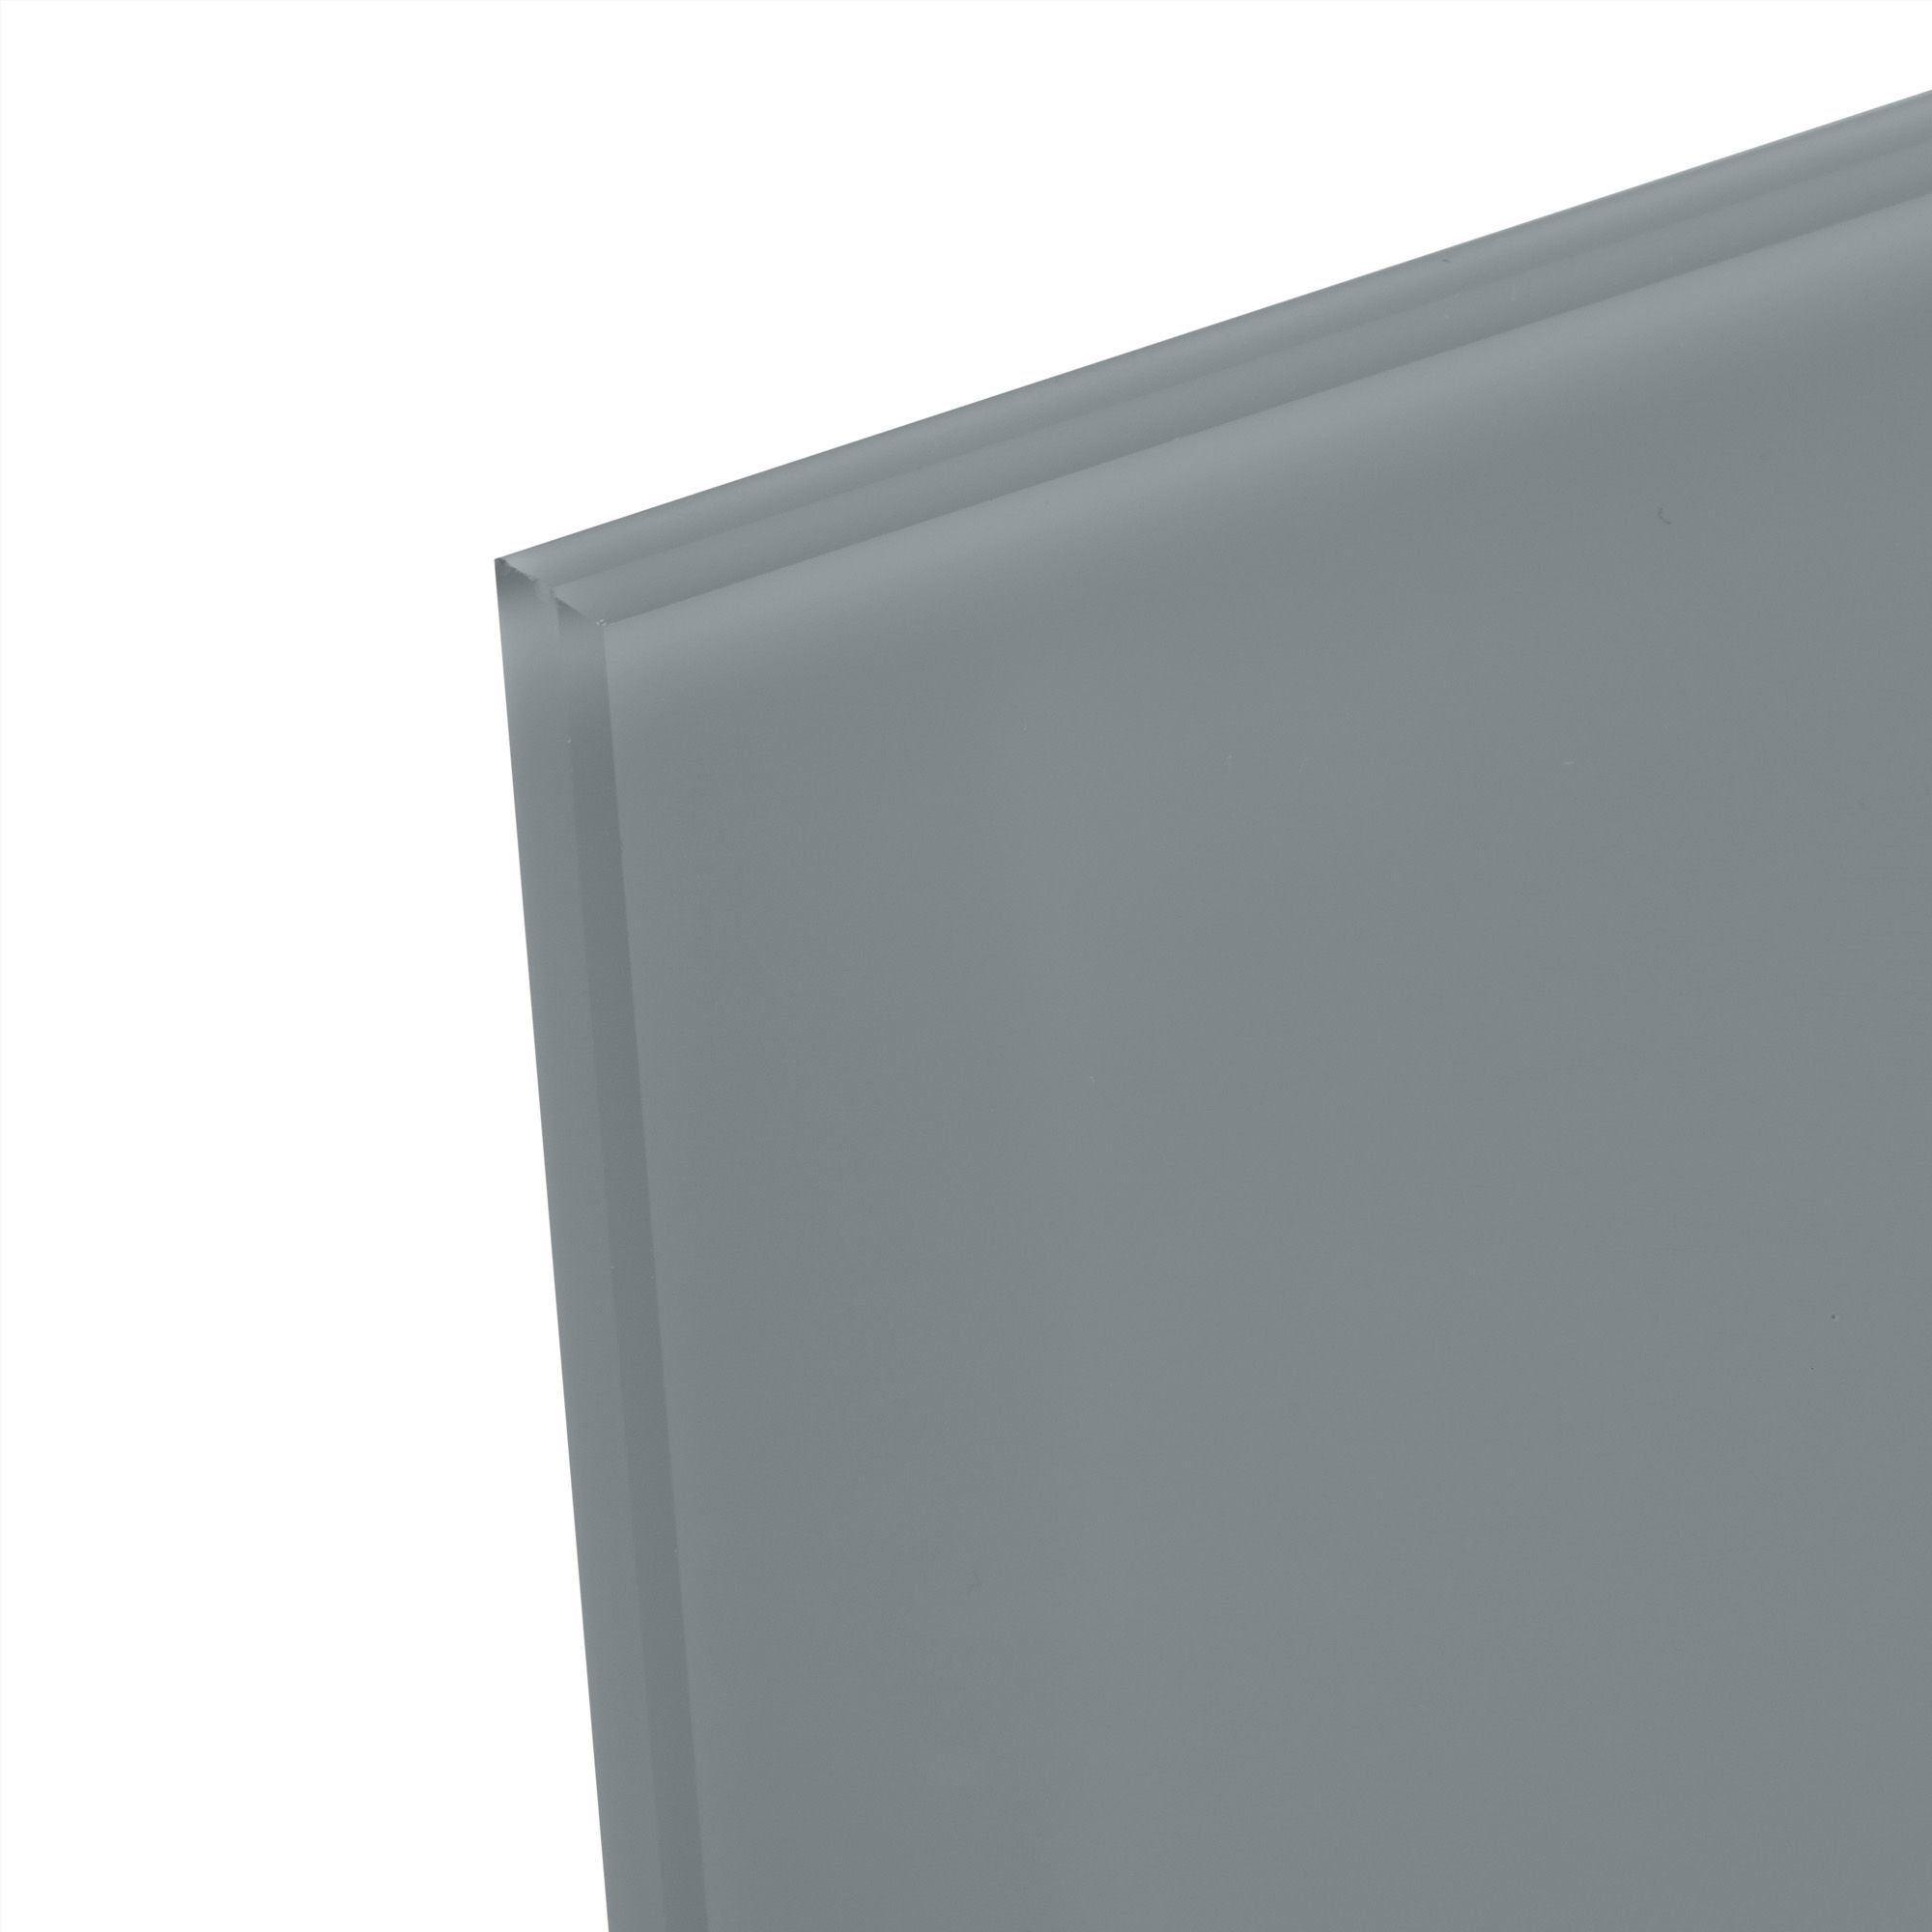 6mm Anthracite Glass Splashback